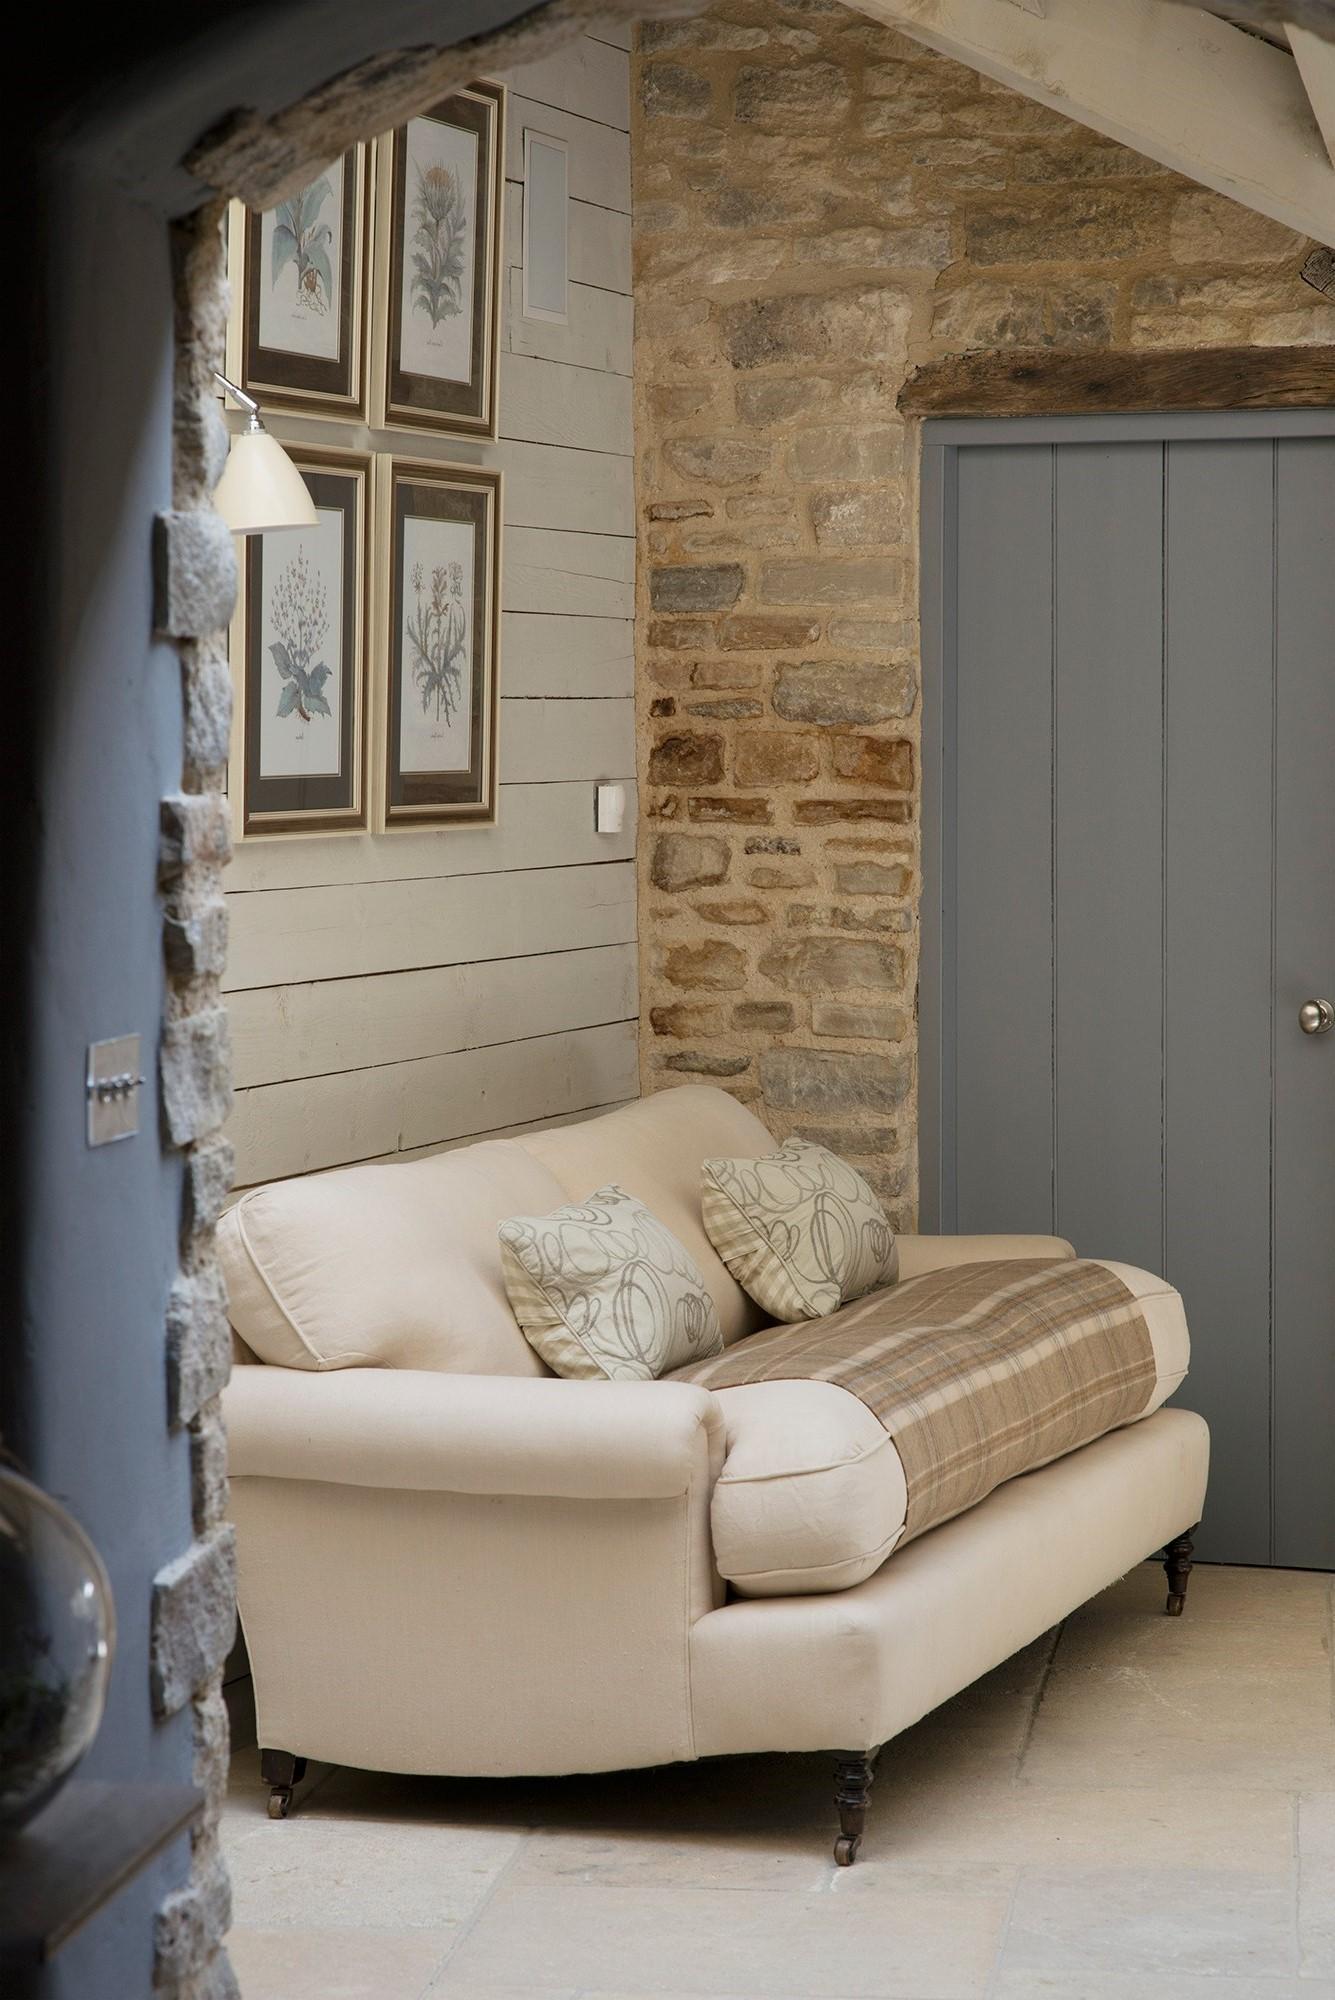 Assurez-vous que chaque pièce a un air de chaleur et de confort, semblant être habité et simple.